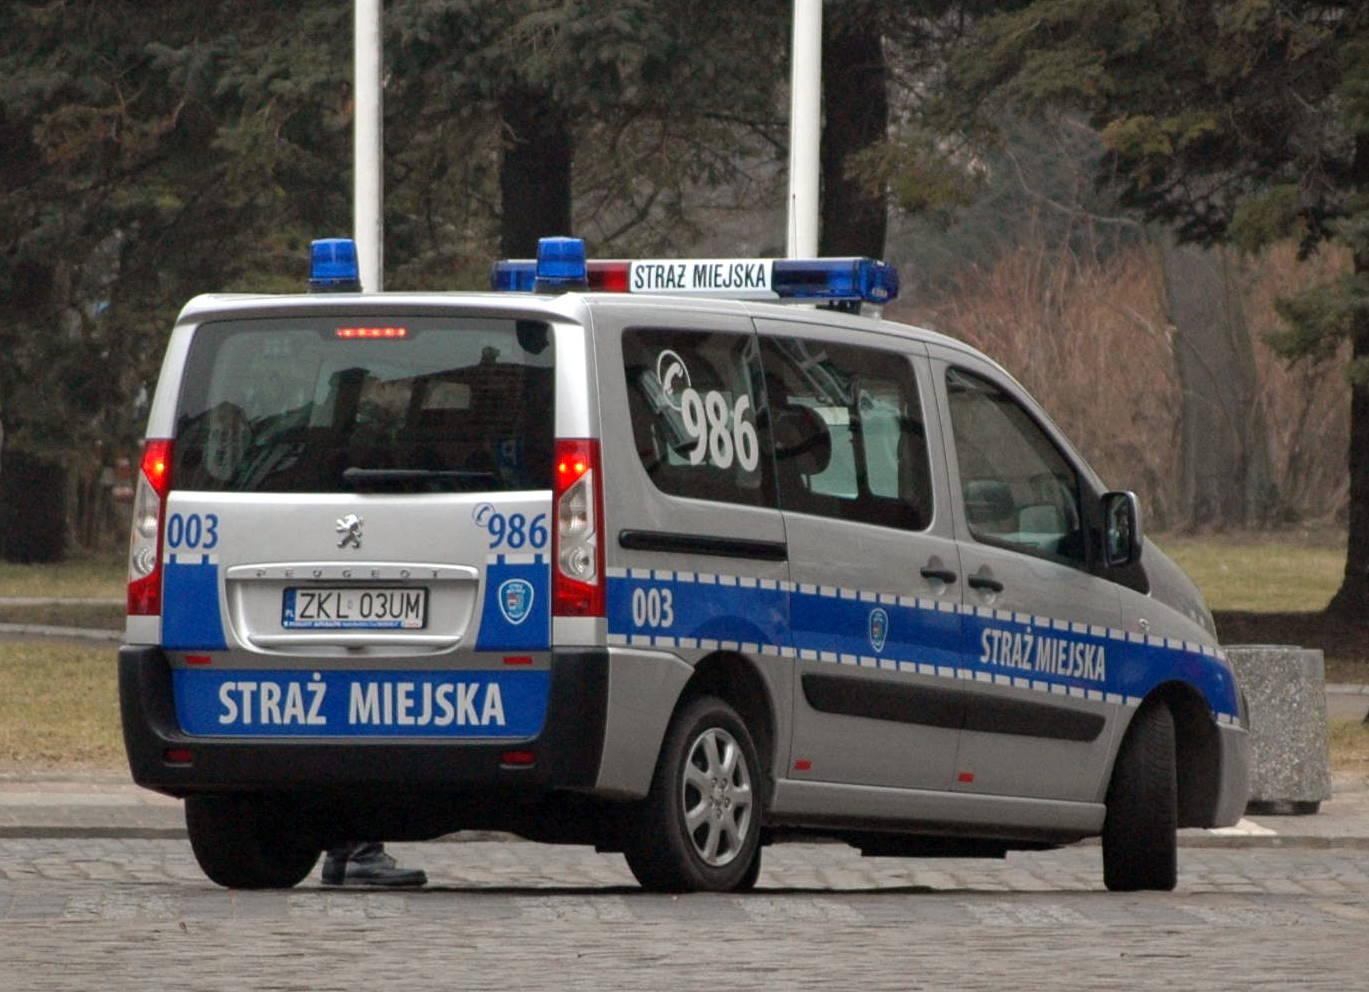 Straż miejska założyła blokadę na samochód prezydenta Dudy